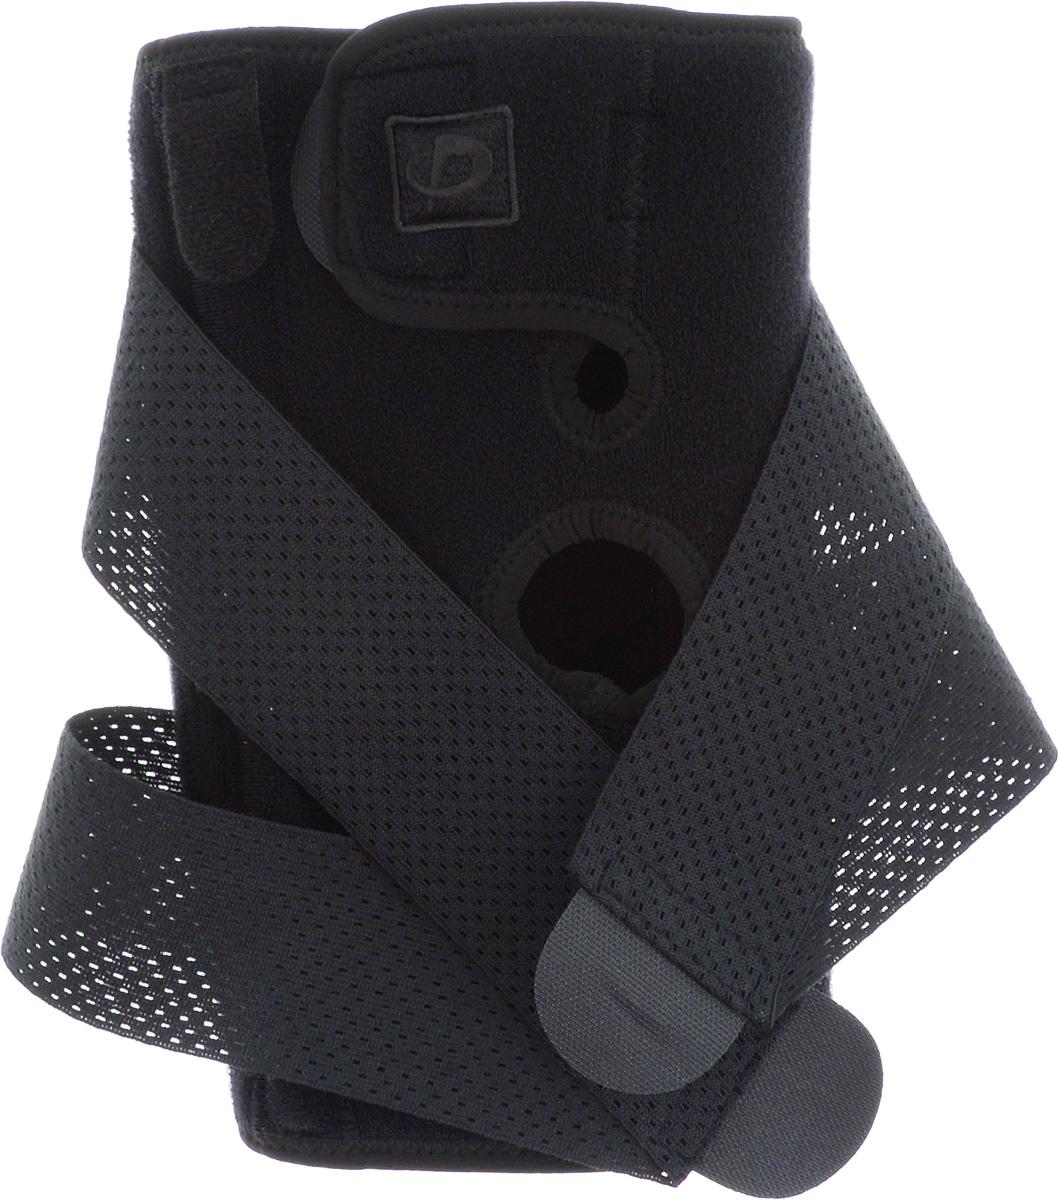 Суппорт колена Phiten Hard Type. Размер S (36-42 см)AP164003Суппорт колена Phiten Hard Type обеспечивает мягкую фиксацию сустава, активное воздействие на проприоцепторы, снятие суставного, связочного и мышечного напряжения, облегчение болевых ощущений. Показания к применению: все виды воспаления коленного сустава, растяжение мышц и связок коленного сустава, бурситы, хронические дегенеративные заболевания суставов, артроз коленного сустава, артрит и остеоартрит, пателлофеморальный болевой синдром. Жесткая, но регулируемая благодаря специальному ремню фиксация этого суппорта идеально подходит для ношения в течение всего дня или при восстановлении после травм коленного сустава, мышц и связок. Благодаря специальной пропитке акватитаном, пояс способствует скорейшему восстановлению после травмы. Материал: наружная часть: нейлон 93%, полиуретан 7%; внутренняя часть: нейлон 80%, полиуретан 20%; липучка: полиэстер 100%; акватитан, аквапалладий. Обхват колена: 36-42 см.